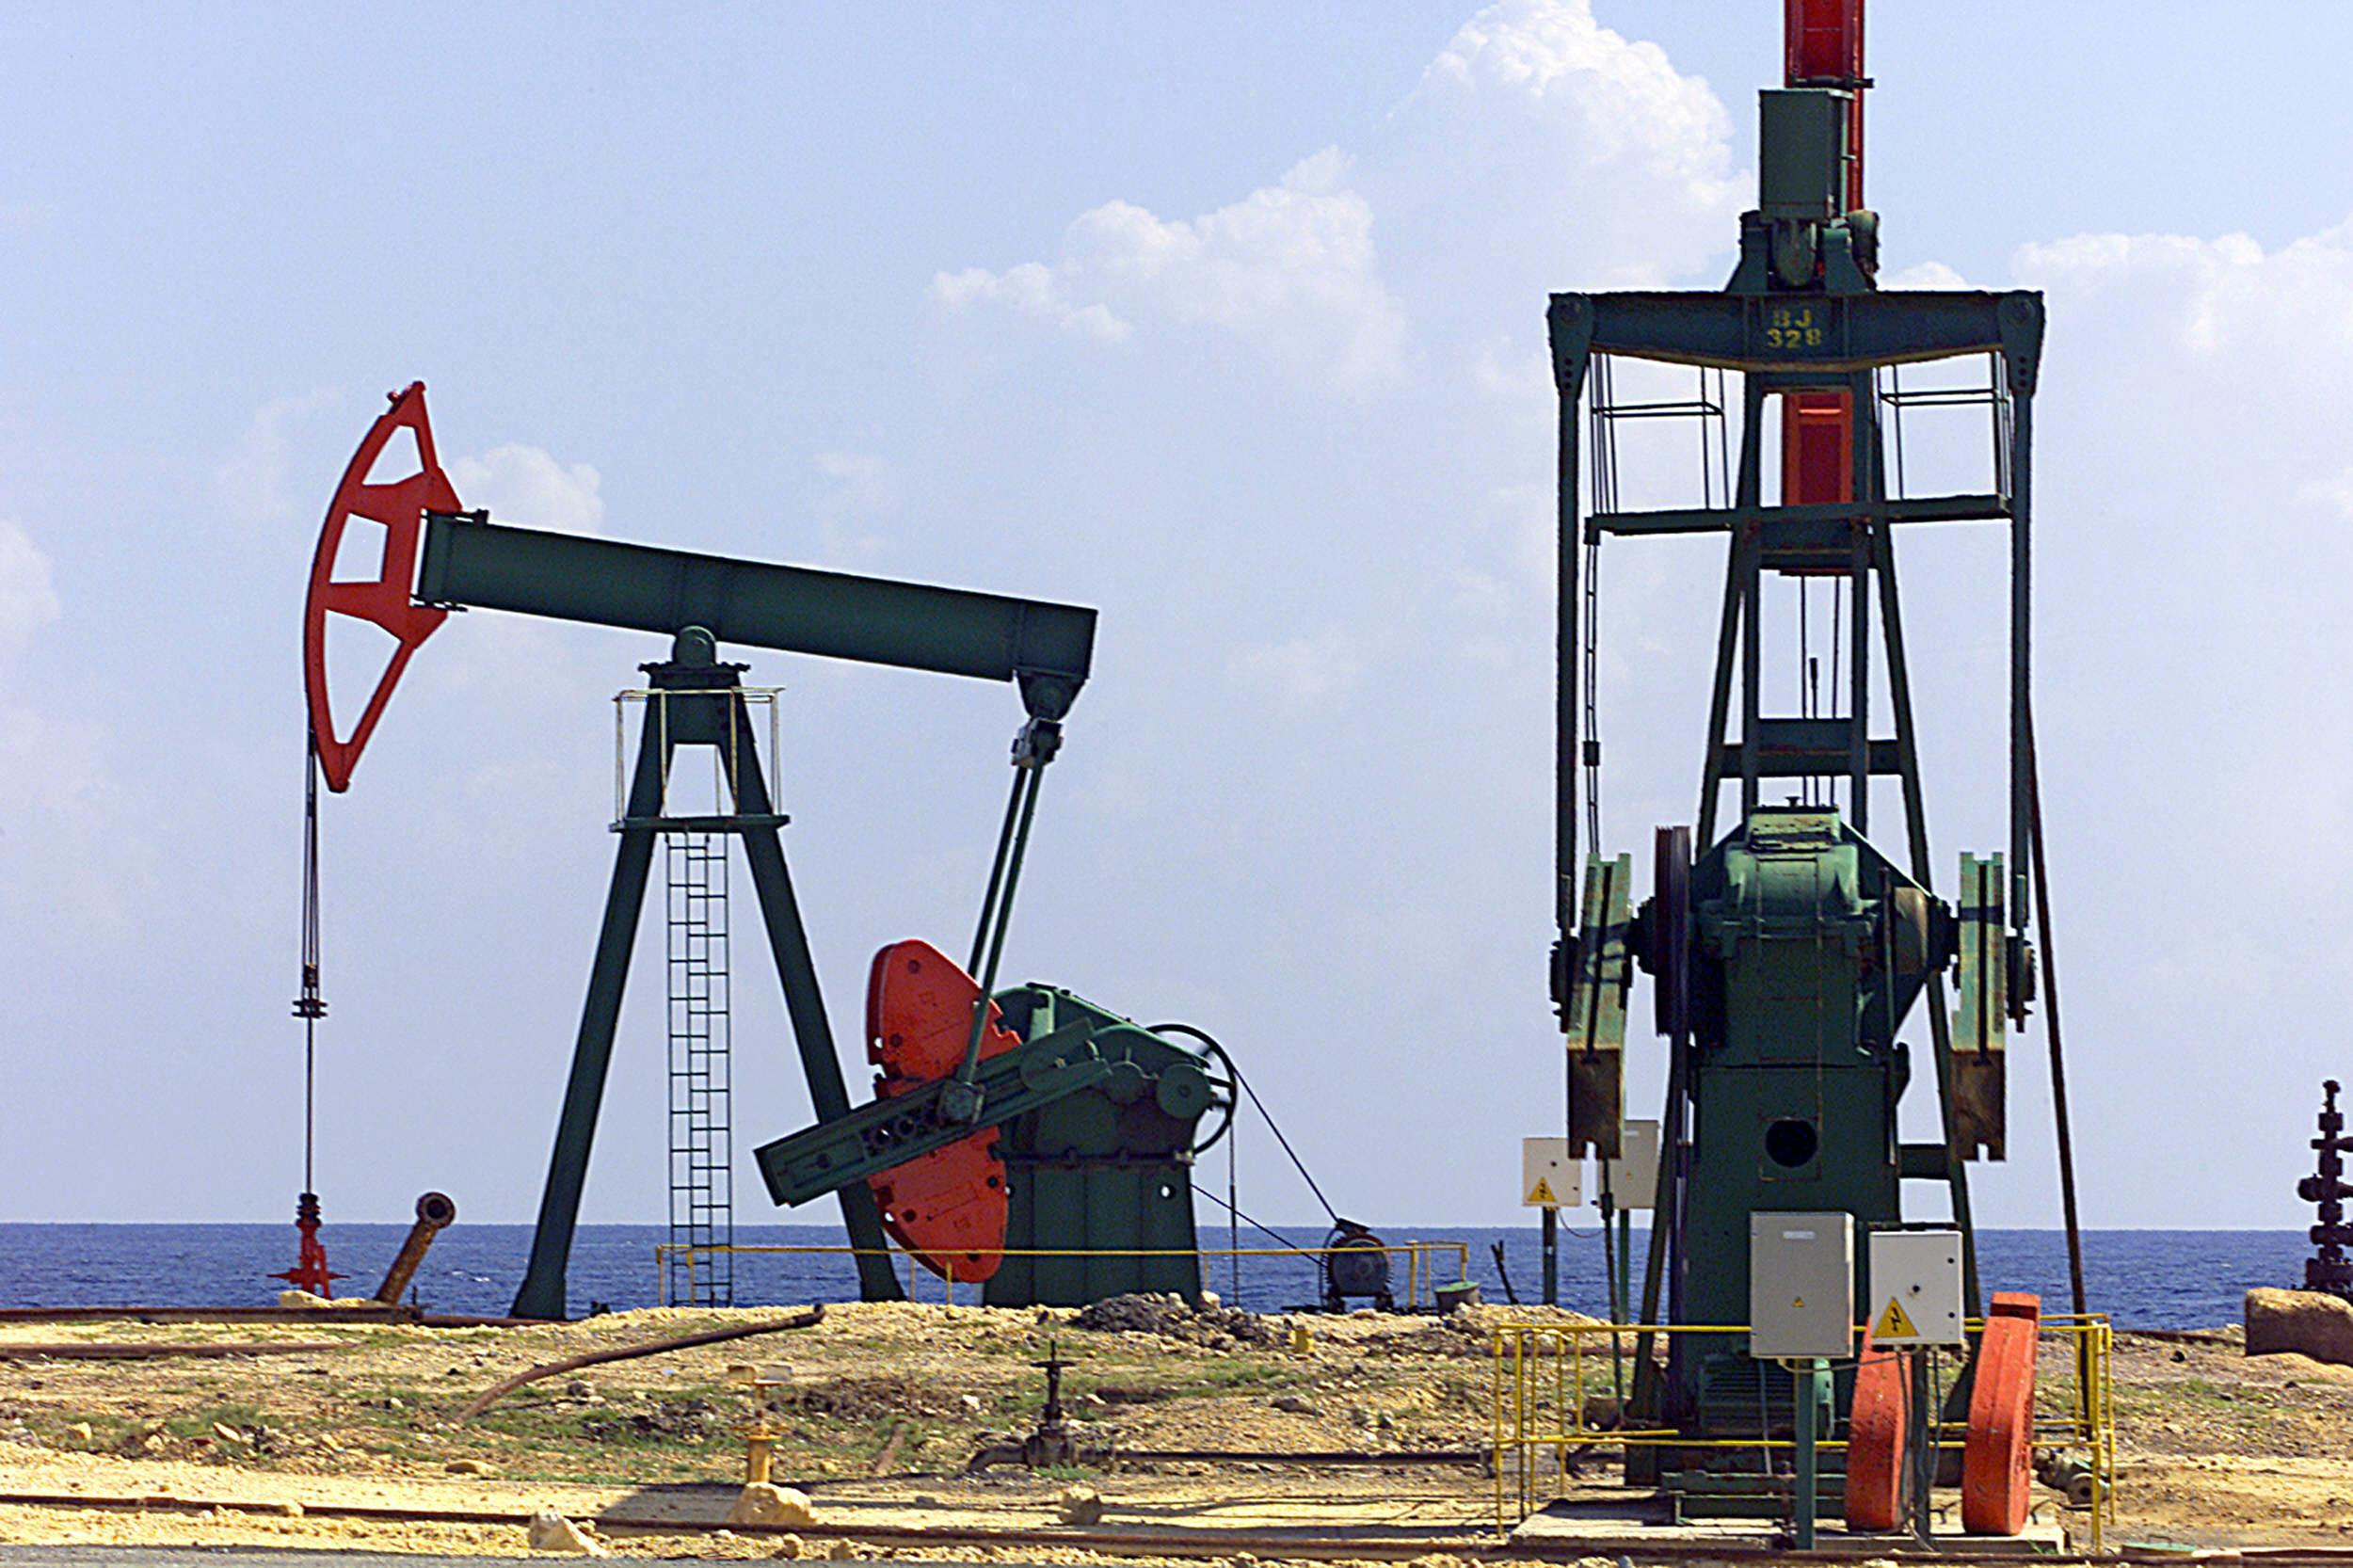 Petrolio: le conseguenze della caduta del prezzo sulle economie